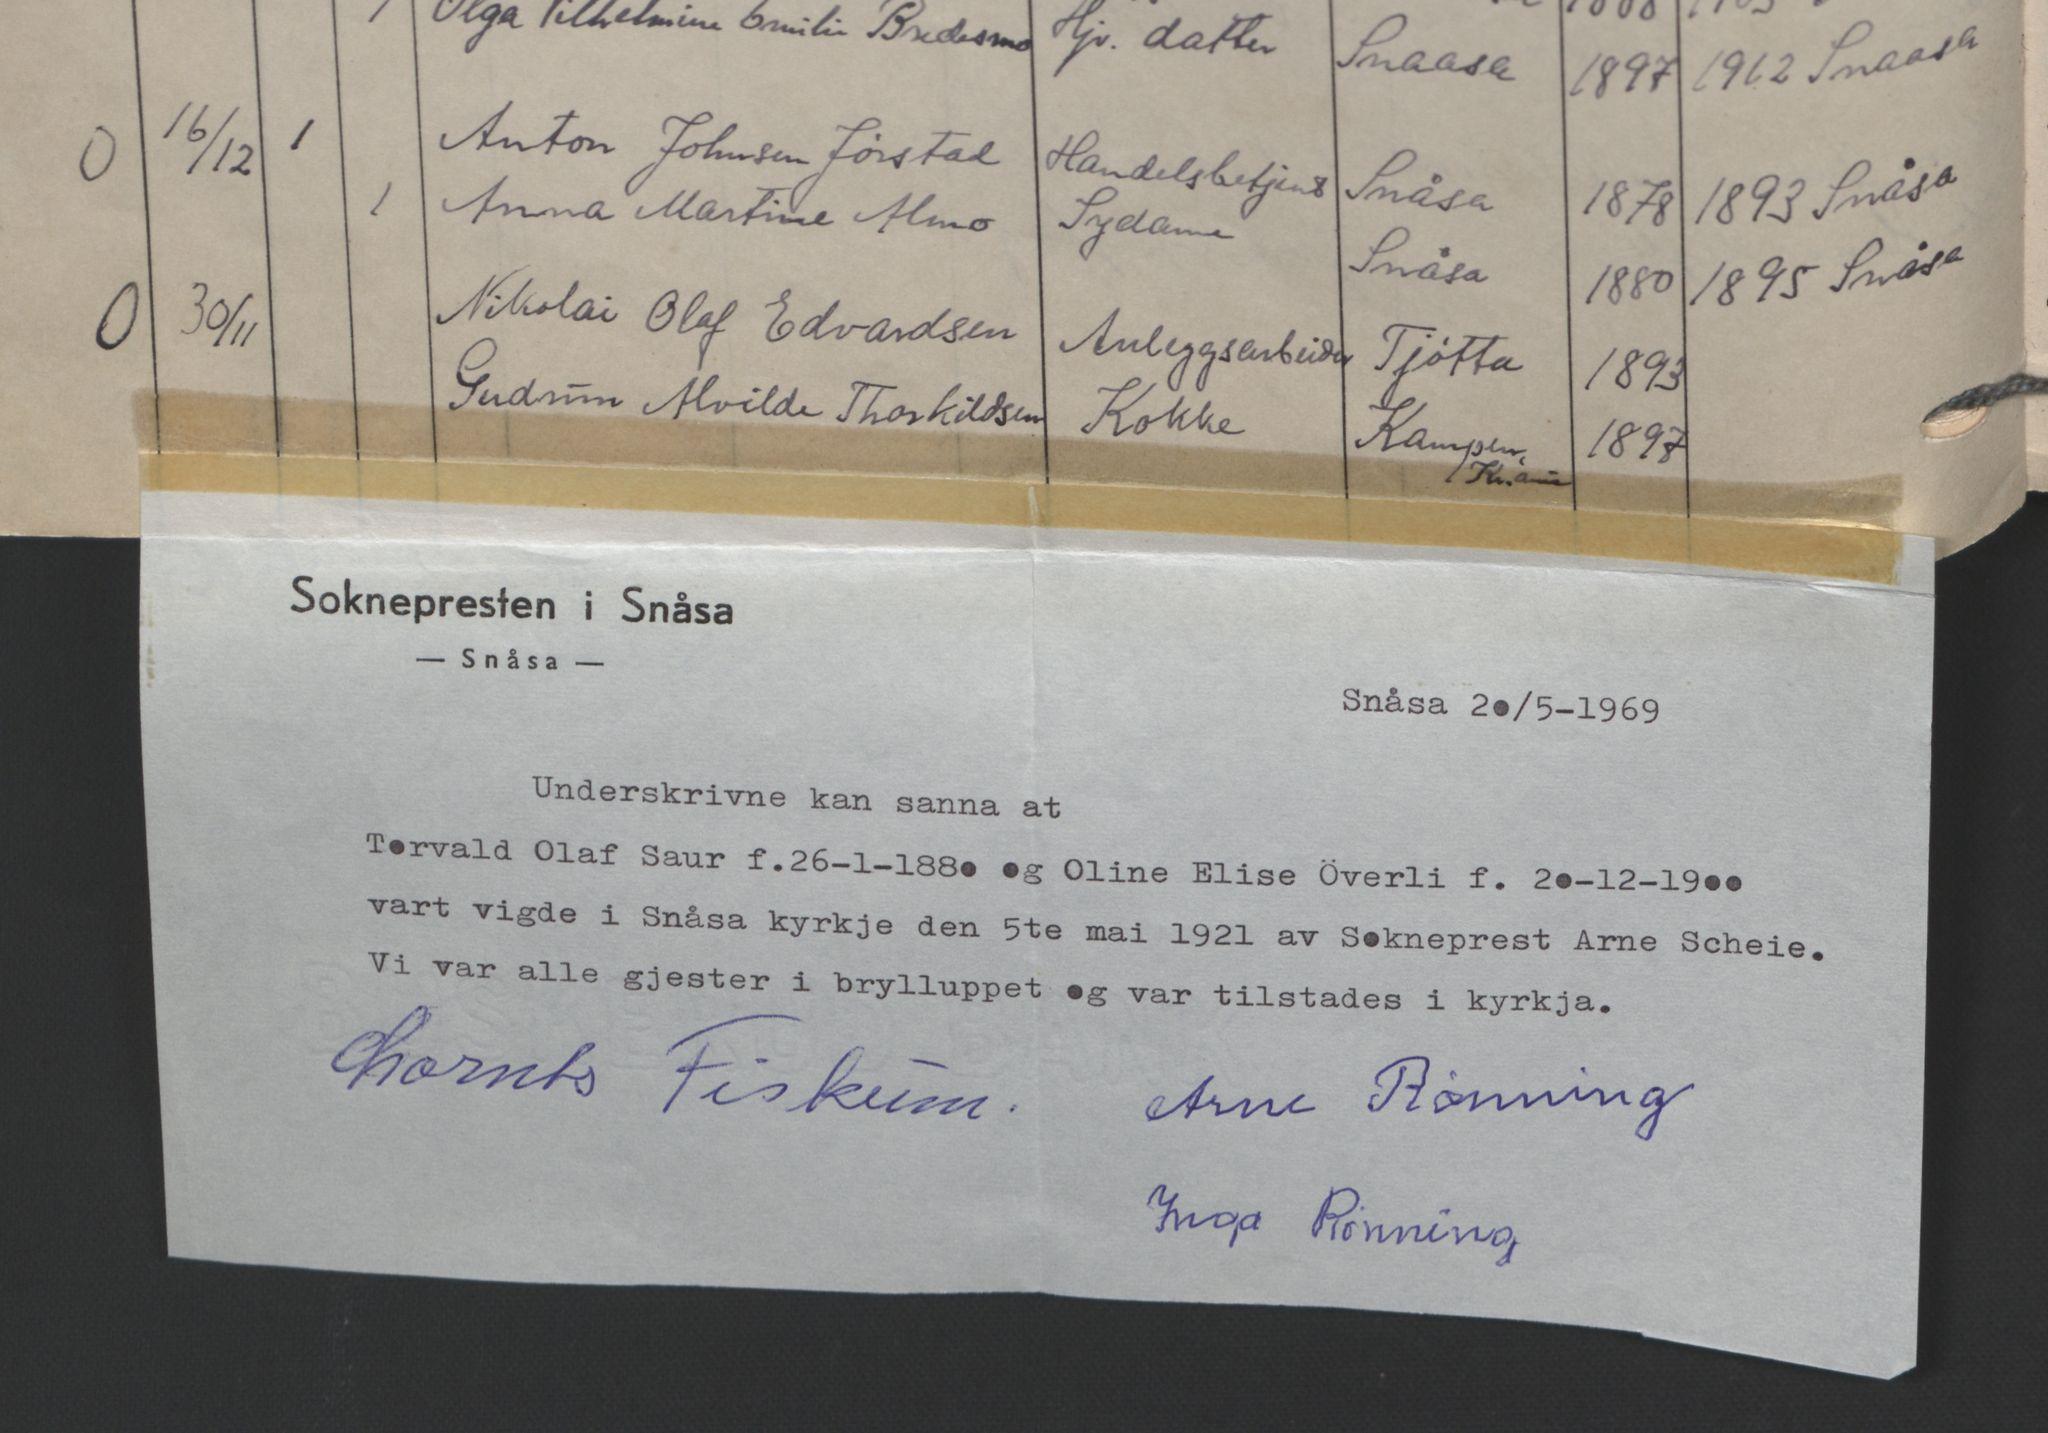 SAT, Ministerialprotokoller, klokkerbøker og fødselsregistre - Nord-Trøndelag, 749/L0477: Ministerialbok nr. 749A11, 1902-1927, s. 184